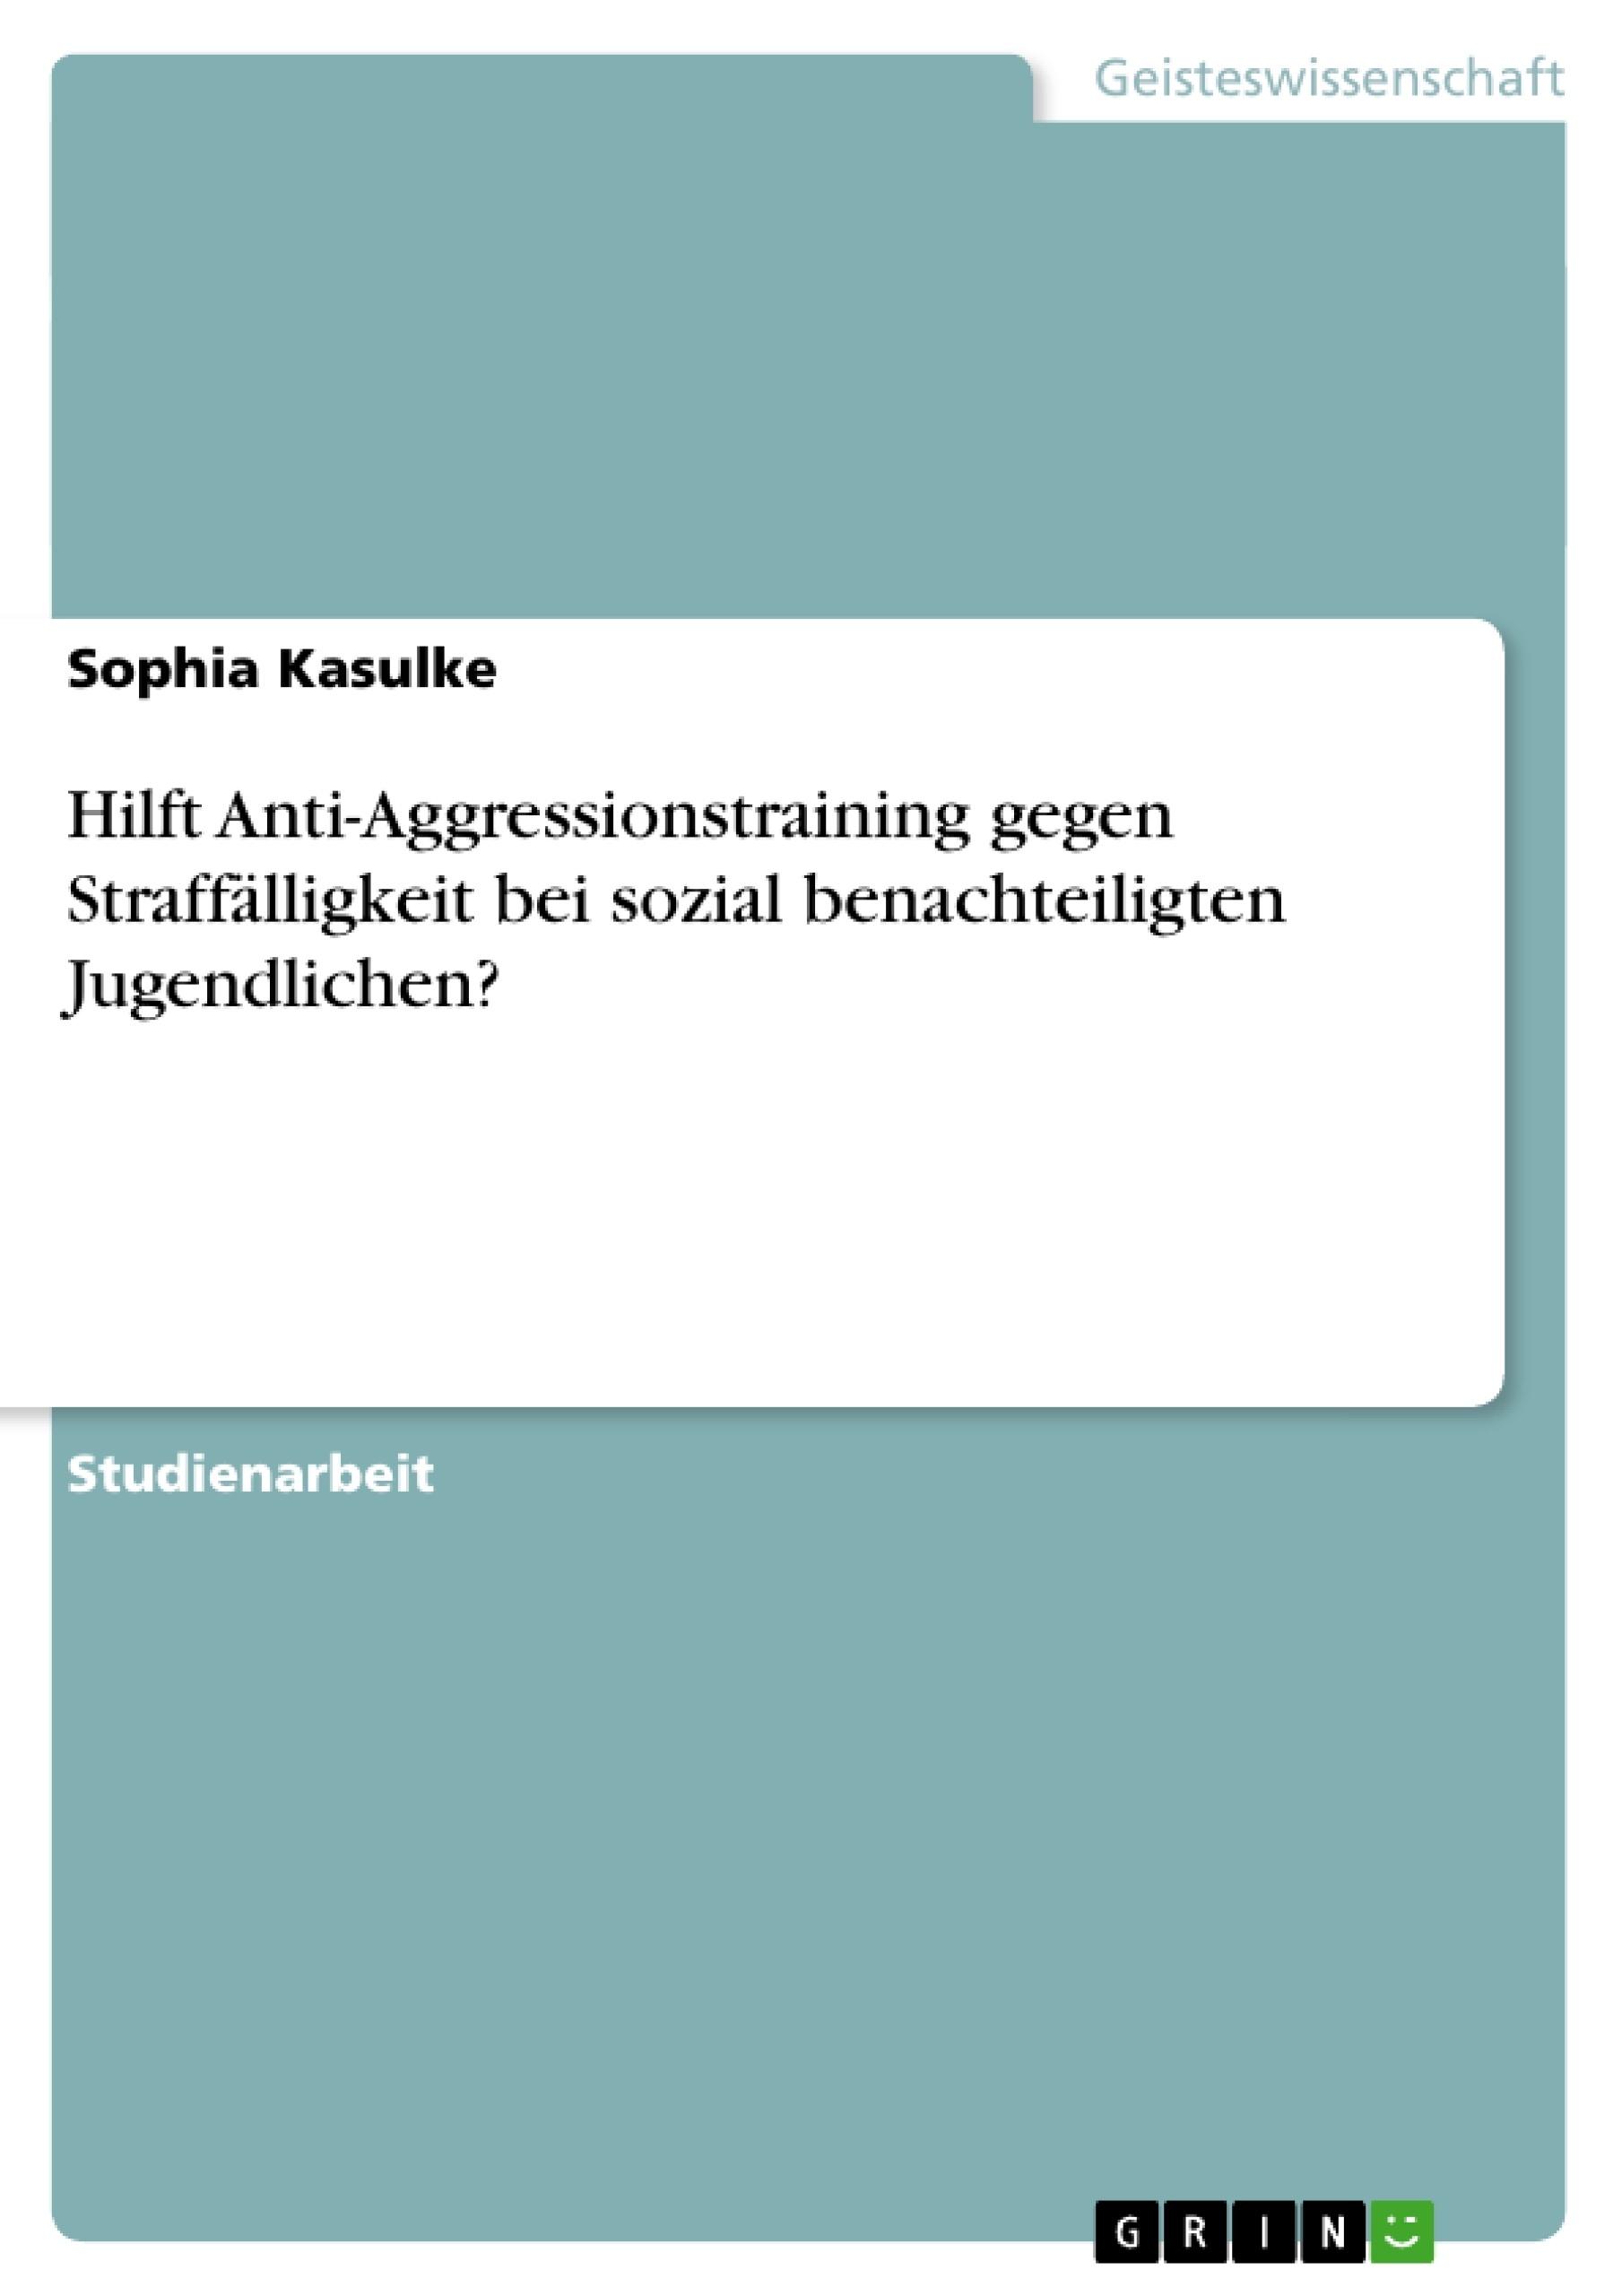 Titel: Hilft Anti-Aggressionstraining gegen Straffälligkeit bei sozial benachteiligten Jugendlichen?